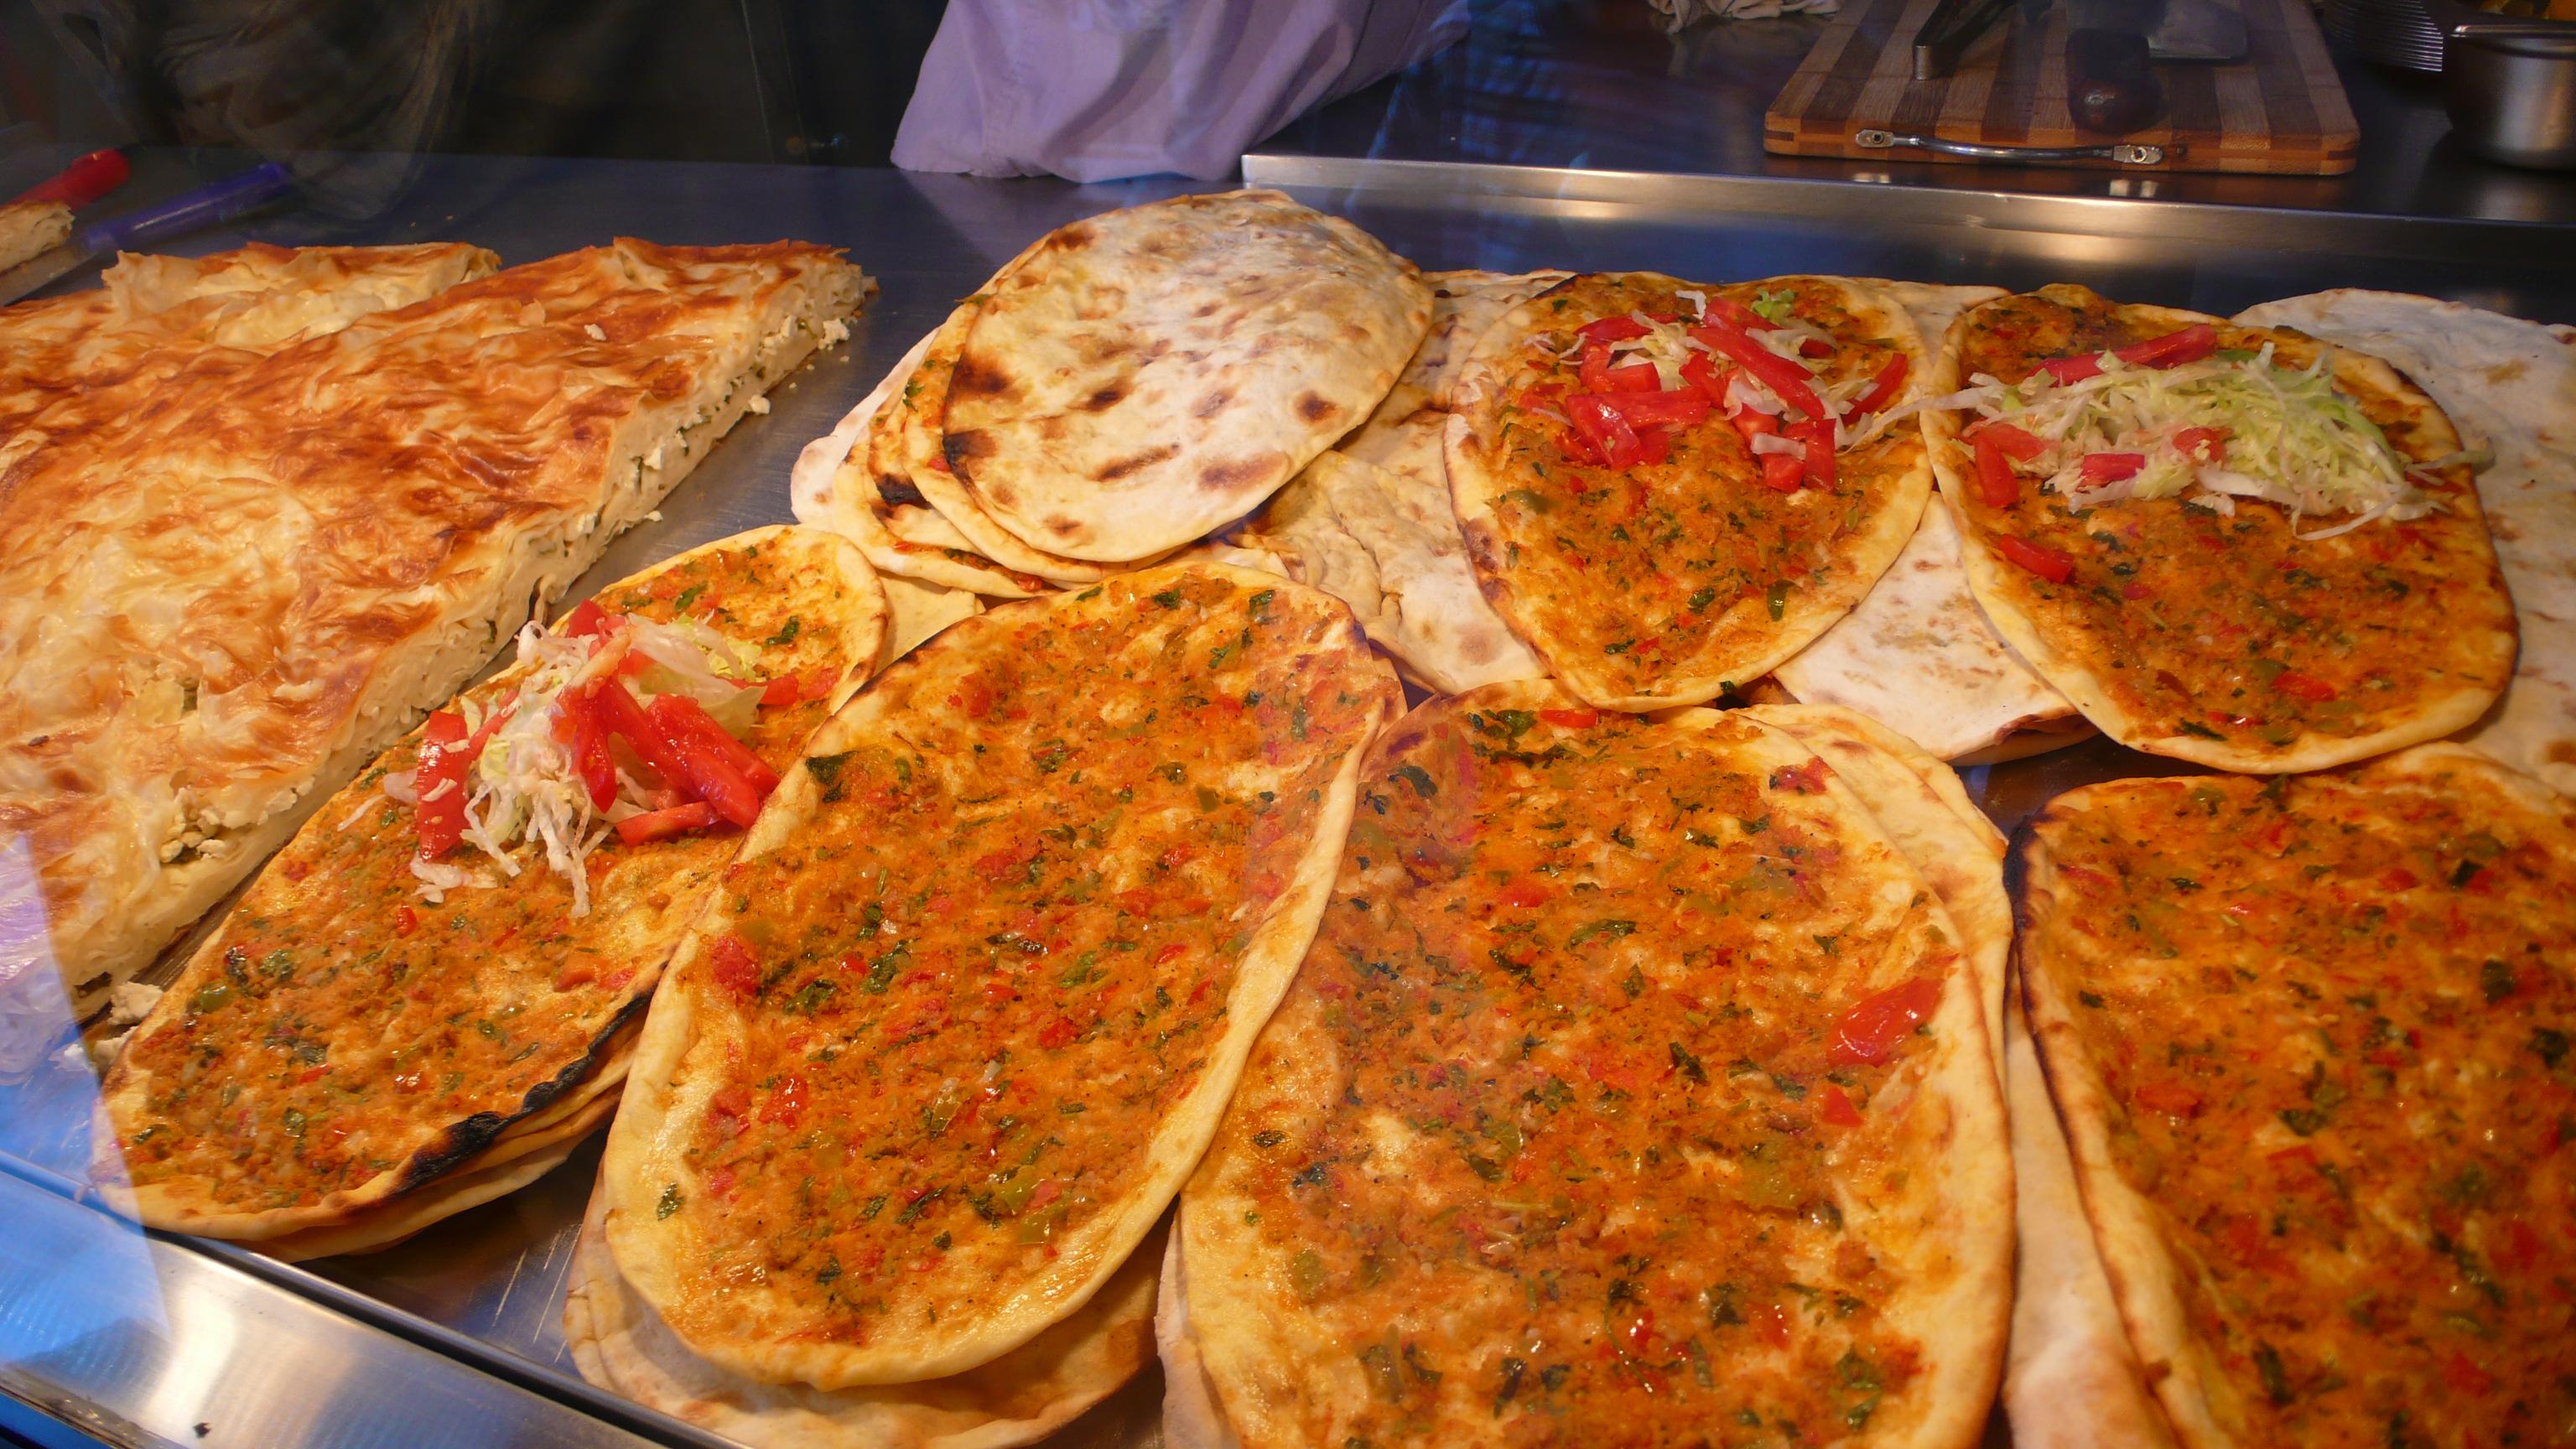 Jerusalem Pizza In North Miami Beach